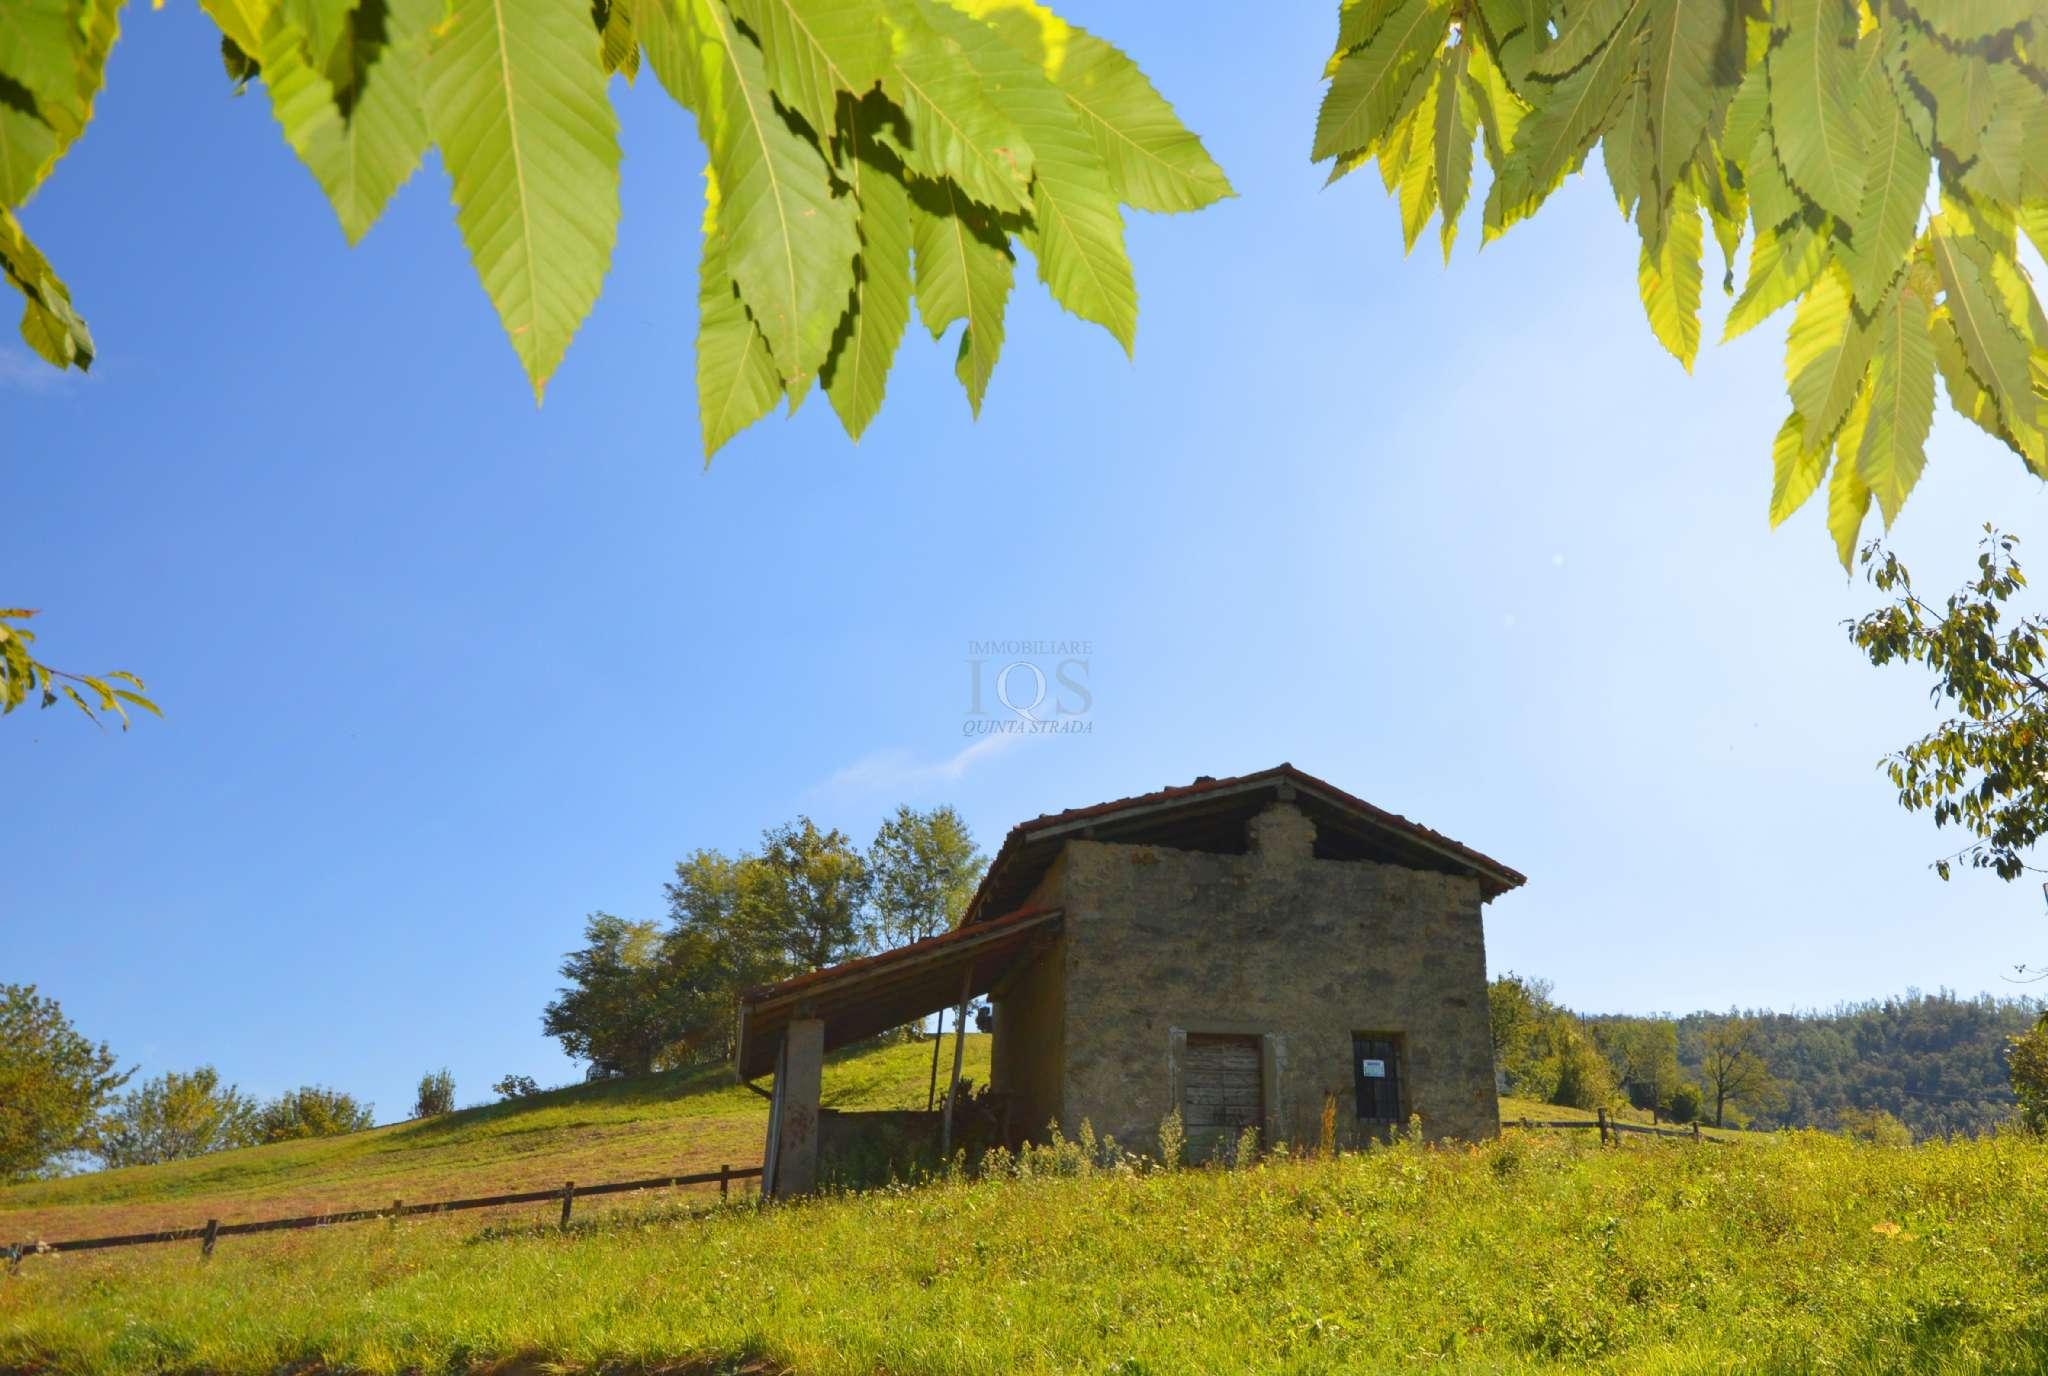 Terreno Agricolo in vendita a Foresto Sparso, 9999 locali, prezzo € 79.000 | PortaleAgenzieImmobiliari.it